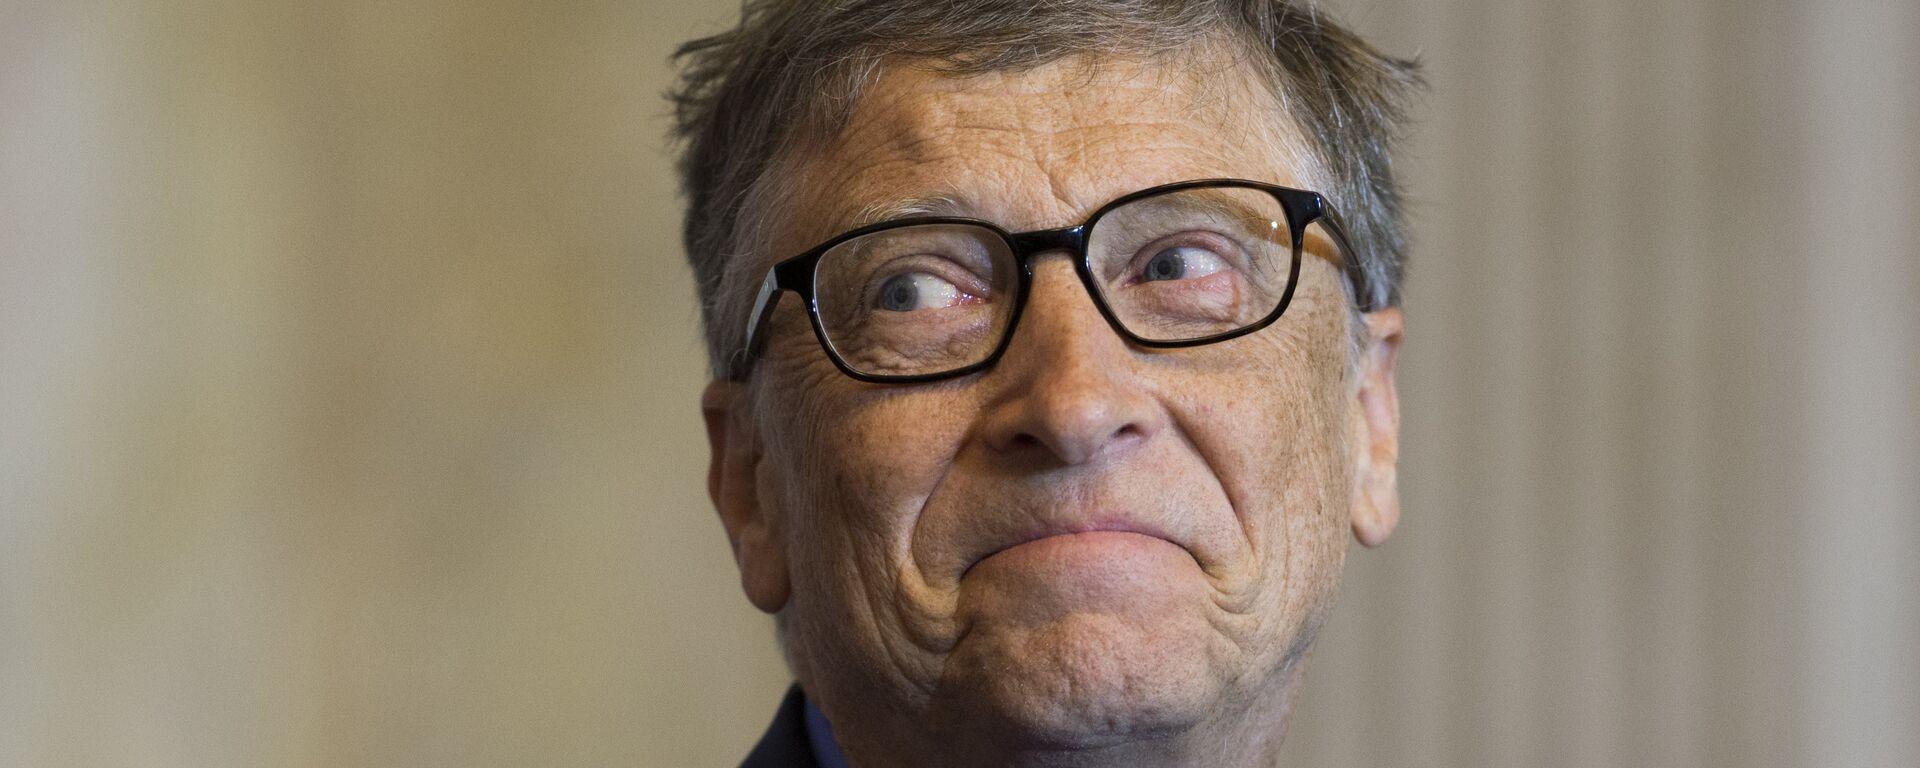 Bill Gates - Sputnik Česká republika, 1920, 20.02.2021